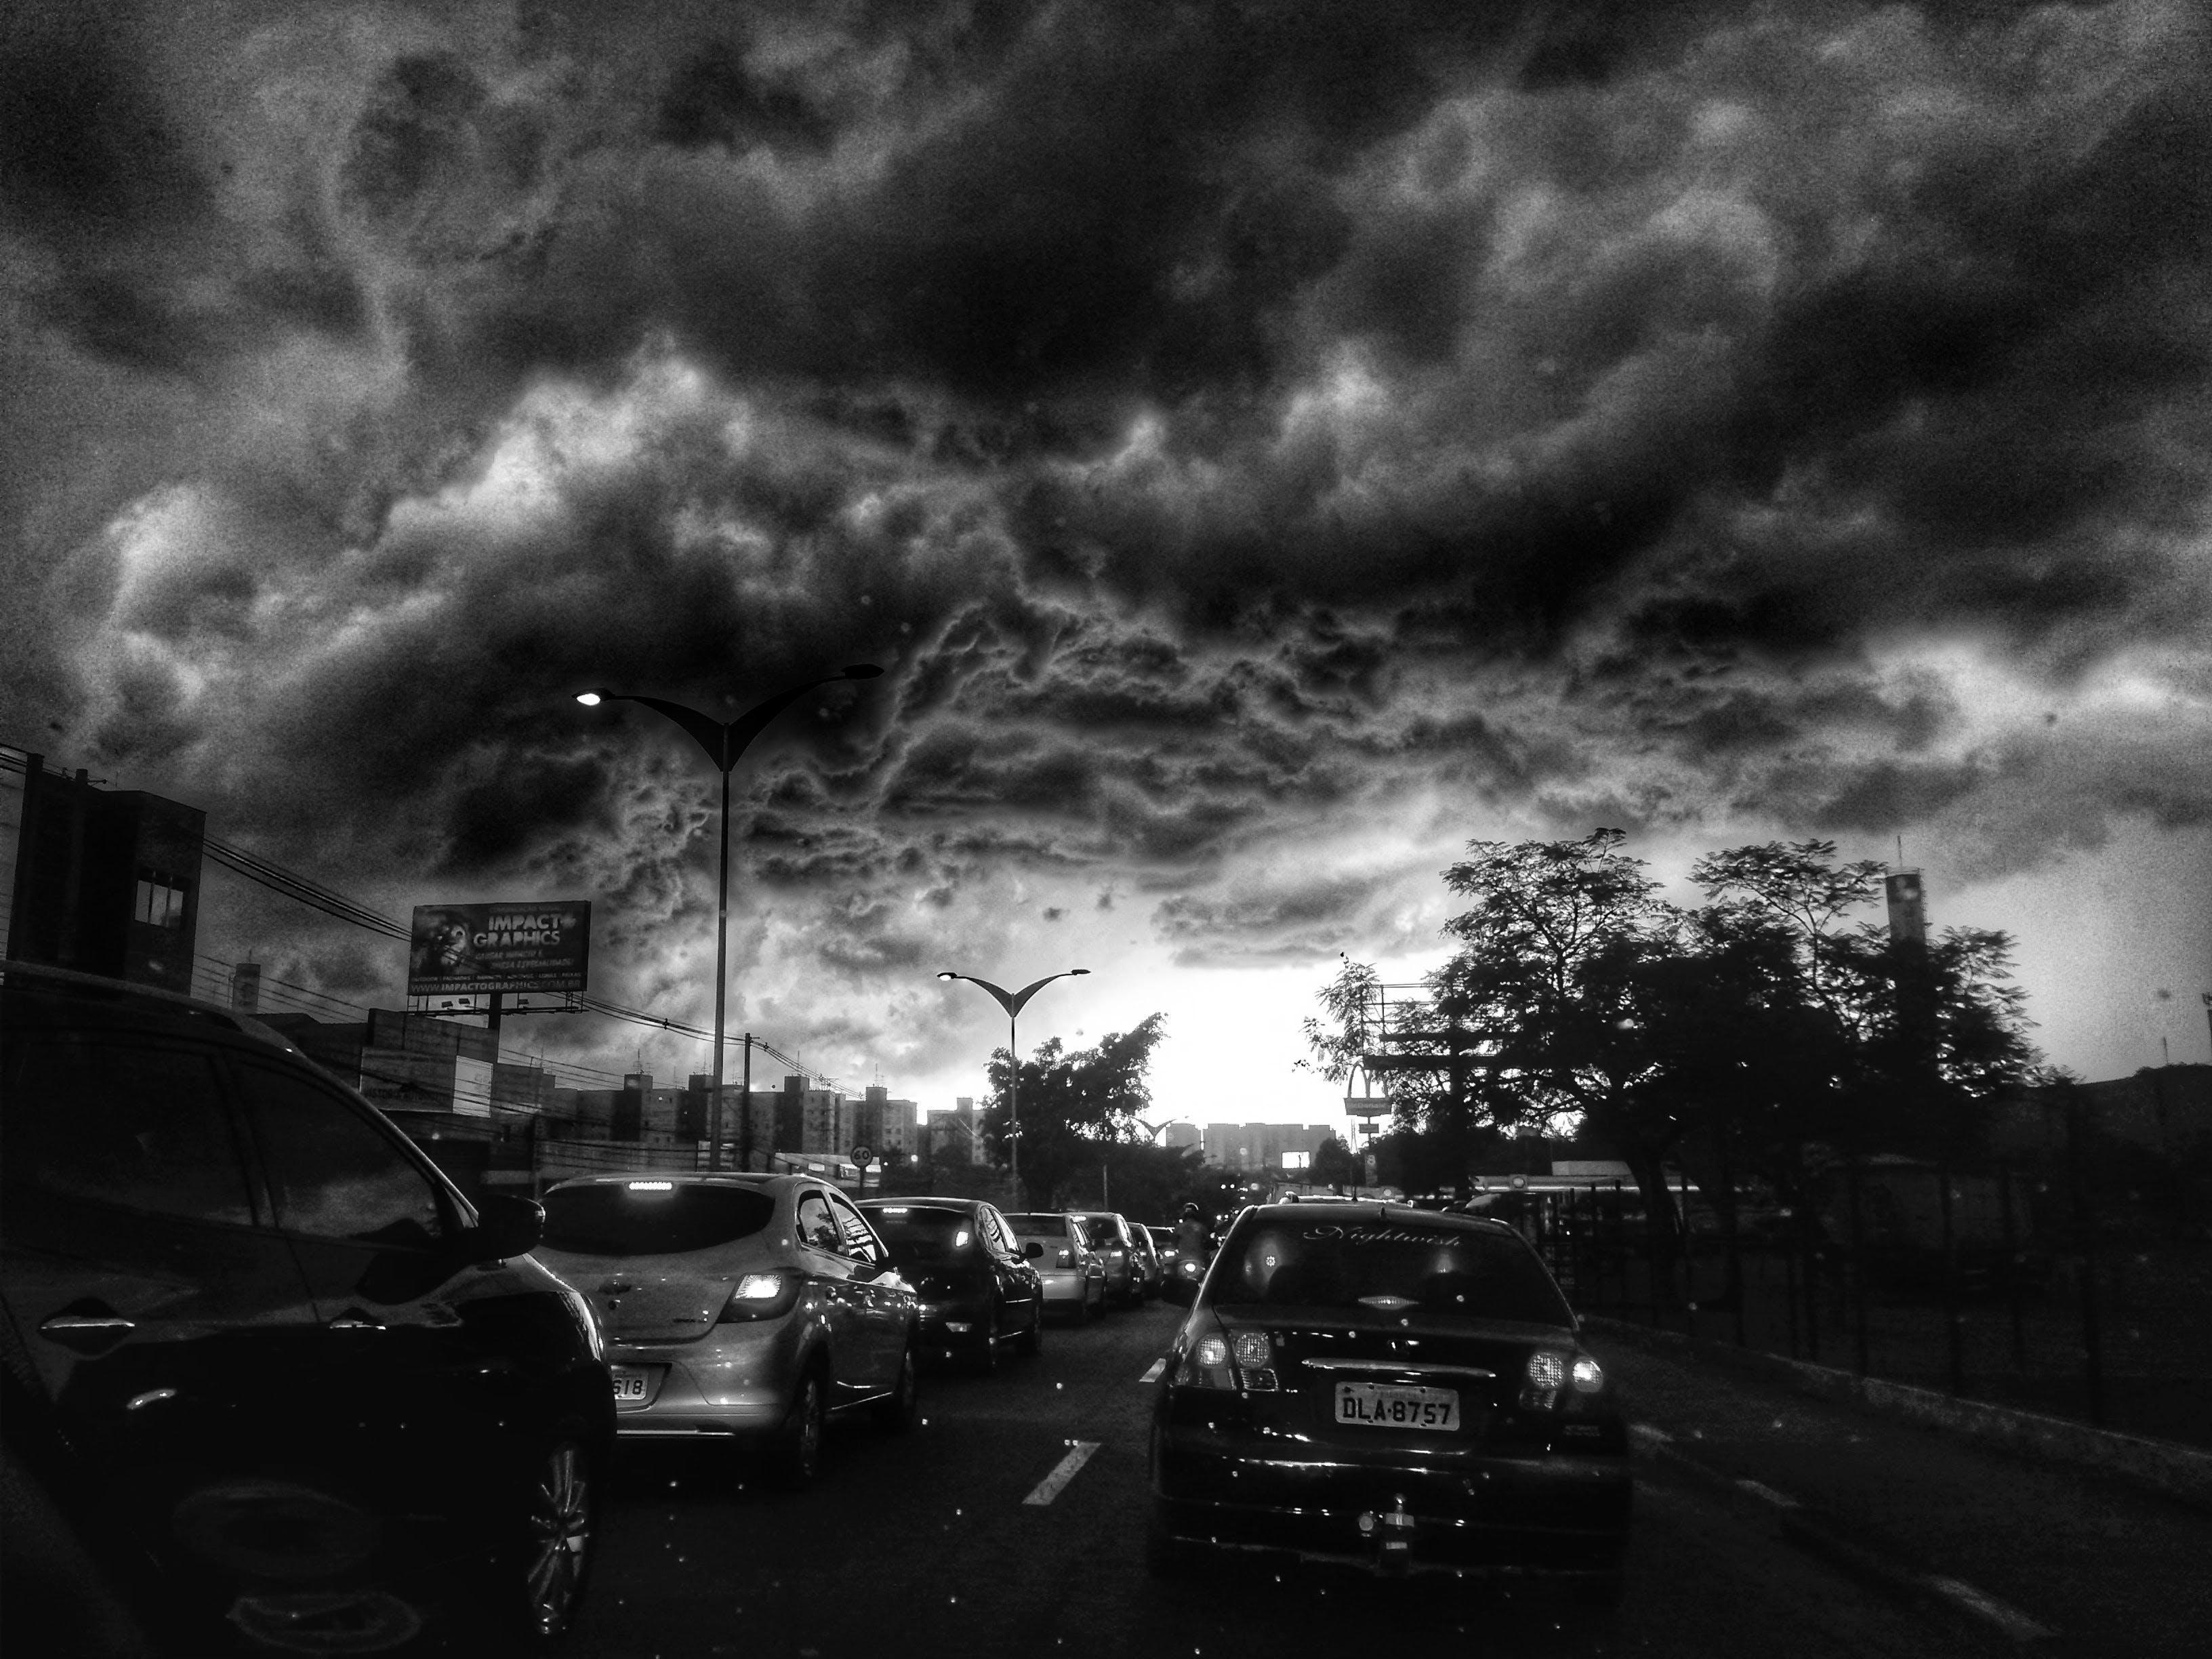 mobilechallenge, sky, storm